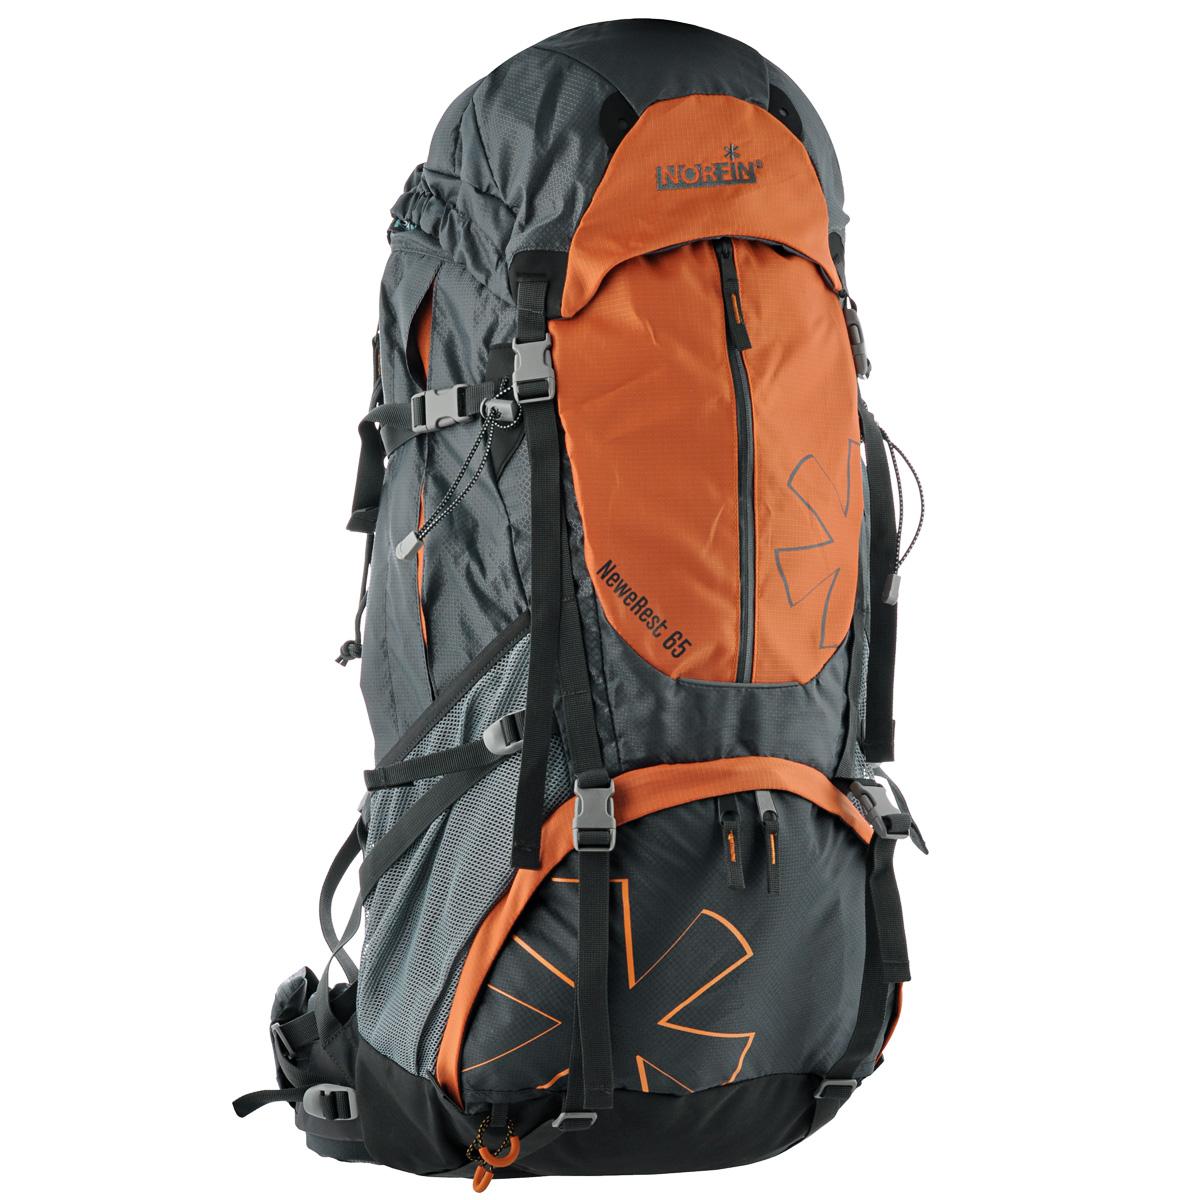 Рюкзак туристический Norfin NeweRest, цвет: серый, оранжевый, 65 лNS-40207Туристический функциональный 65-литровый рюкзак Norfin NeweRest отлично подойдет для походов и путешествий.Особенности рюкзака:Анатомический съемный пояс с карманами. Отлично сидит на бедрах, хорошо перераспределяет нагрузку Регулируемая подвесная система H-1Плечевые лямки с перфорированным наполнителем EVA для смягчения, с карманамиГрудная стяжкаАлюминиевые латыВыход под питьевую системуОсновное отделение с разделительной мембраной позволит удобно распределить содержимое рюкзакаВерхний и нижний входы в основное отделениеБольшие боковые карманы на молнии, боковые сетчатые карманыБольшой фронтальный карманПлавающий верхний клапан с внешним и внутренним карманами Чехол-дождевик в кармане на днеВозможность крепления горного снаряженияВодонепроницаемые молнии.